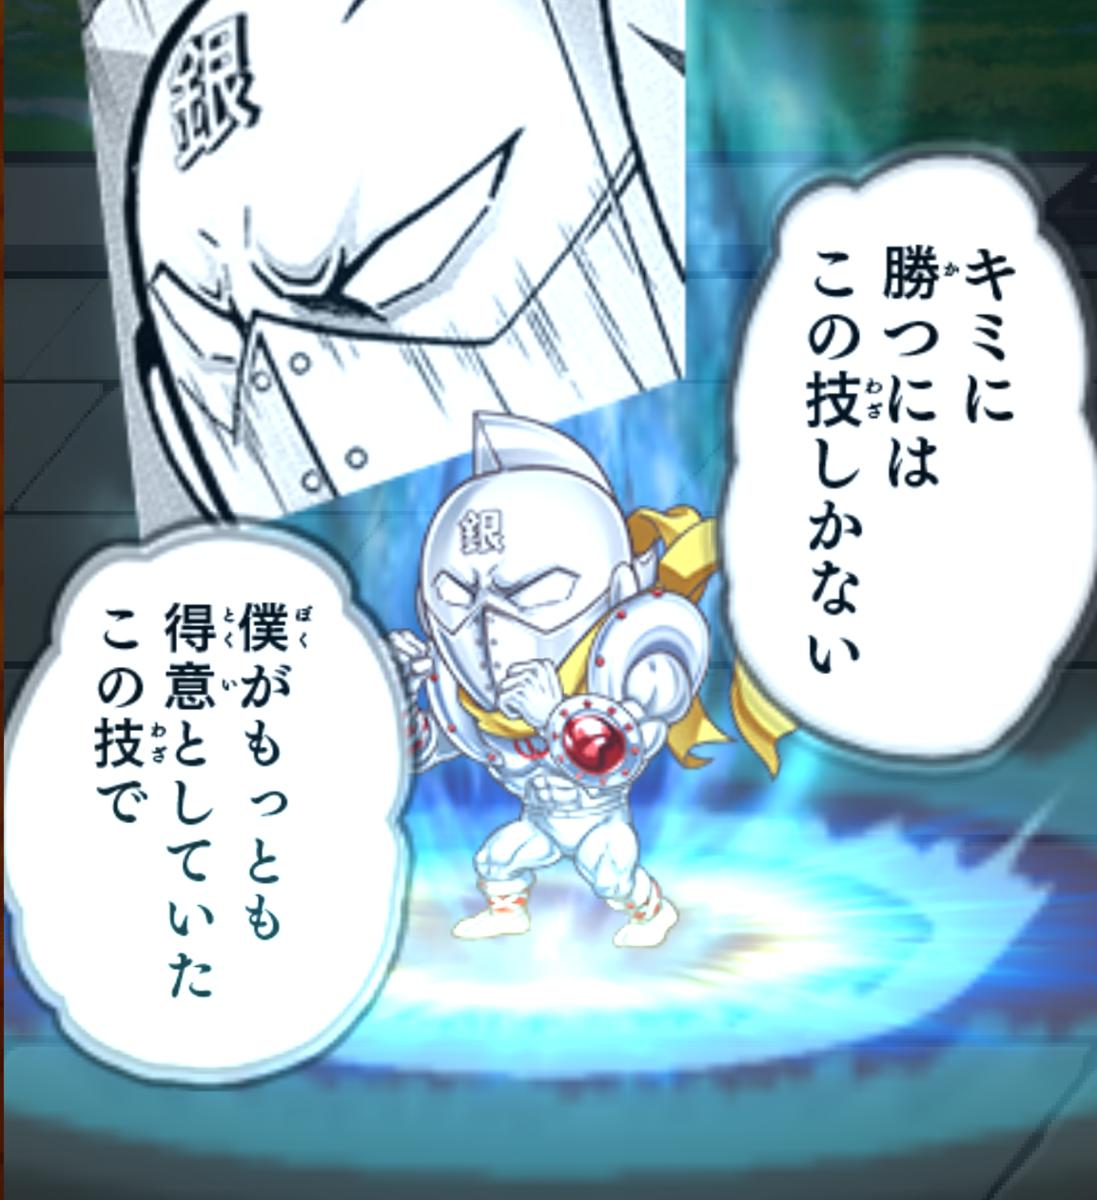 f:id:shinobu-yamanaka3:20190904063030p:plain